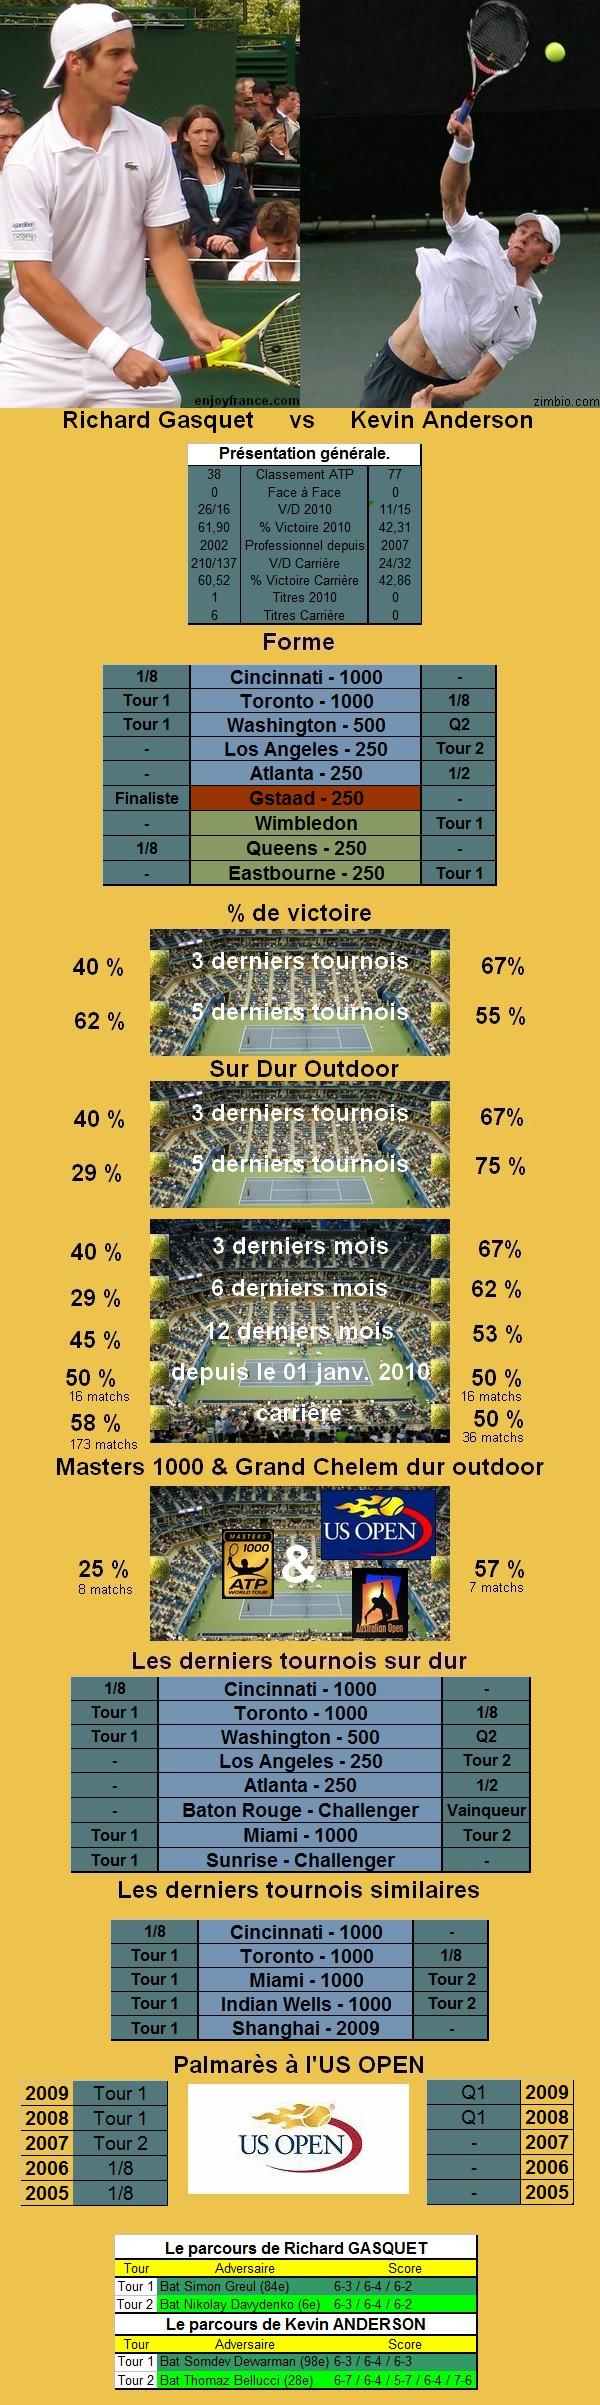 Statistiques tennis de Gasquet contre Anderson à l'US OPEN